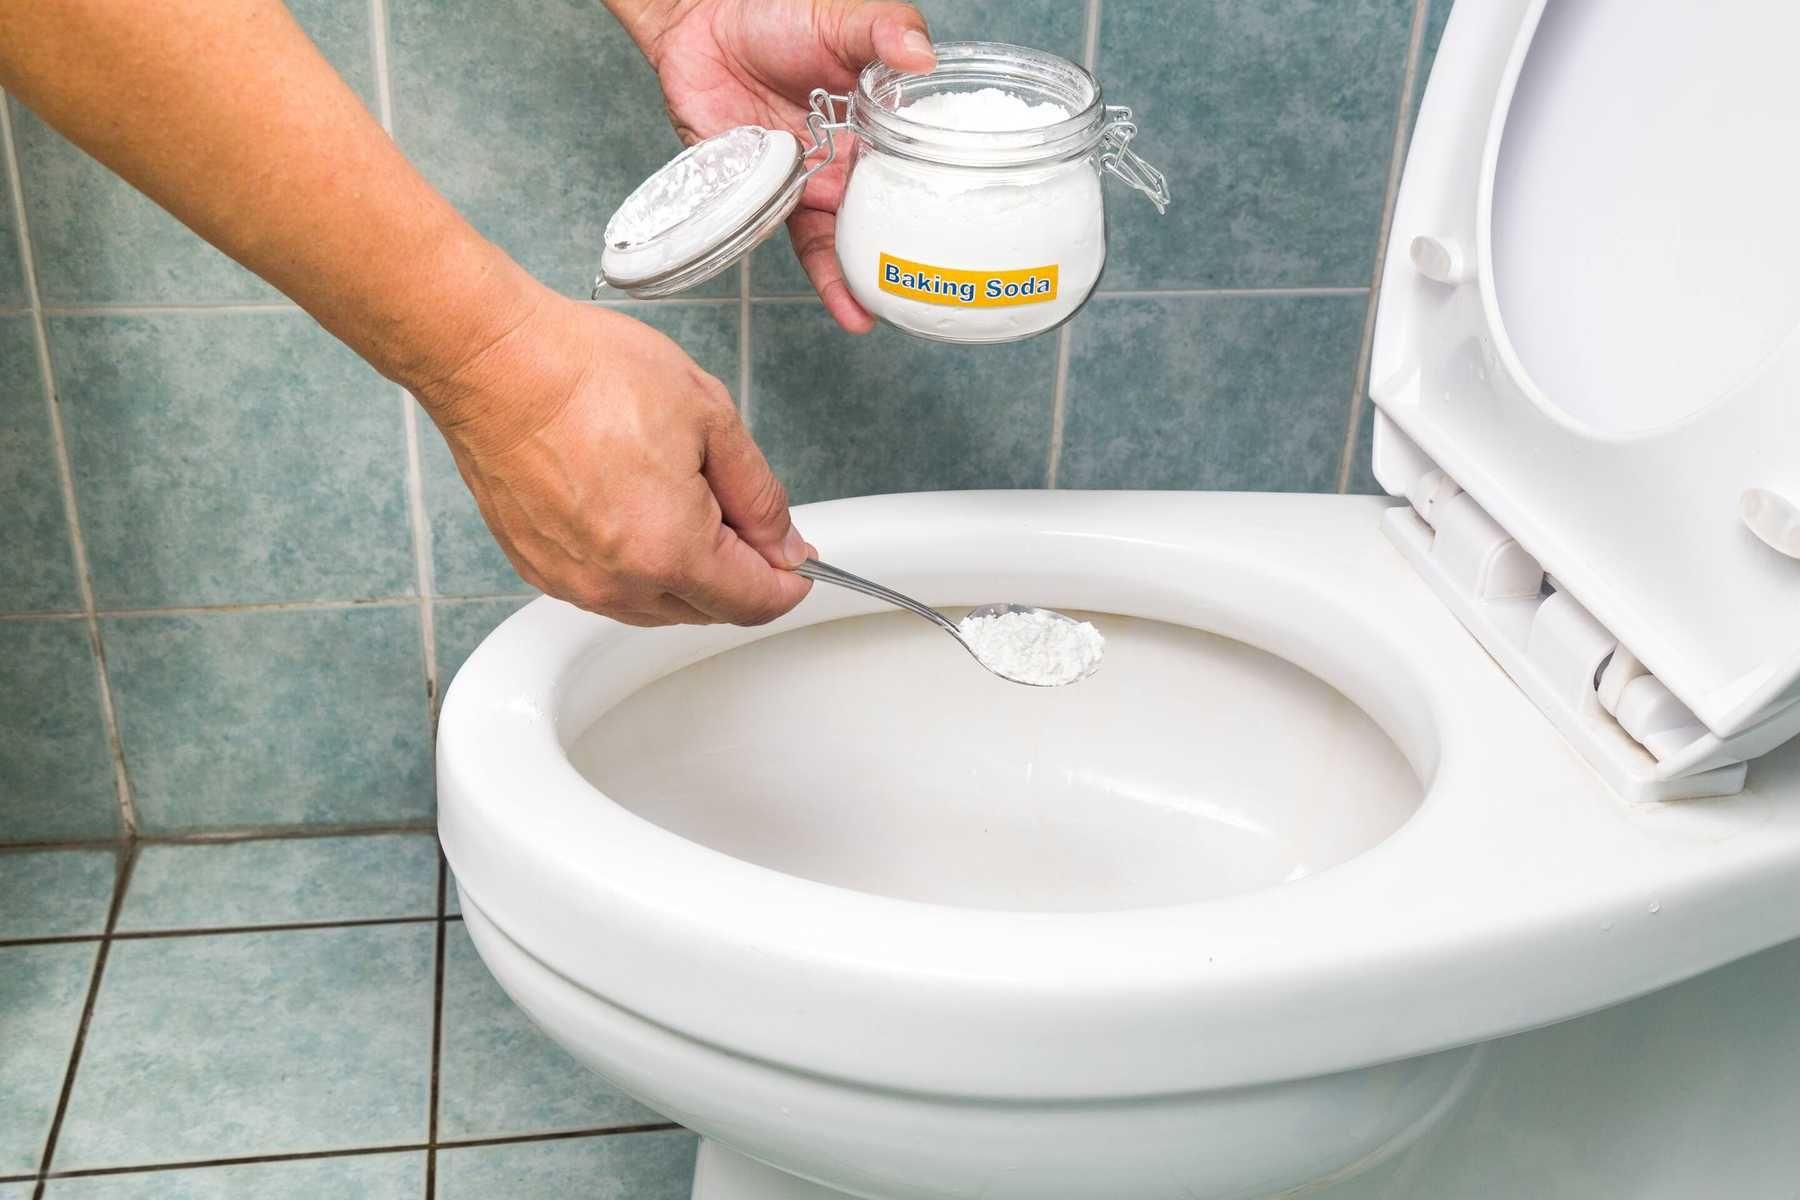 Cách thông tắc vệ sinh bồn cầu bằng baking soda (muối nở) kết hợp giấm ăn